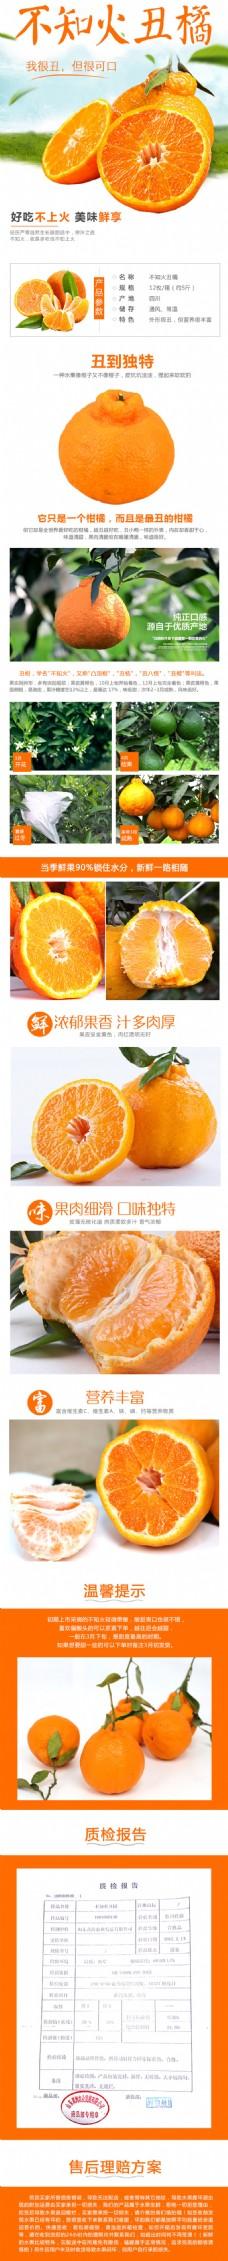 不知火丑橘详情页